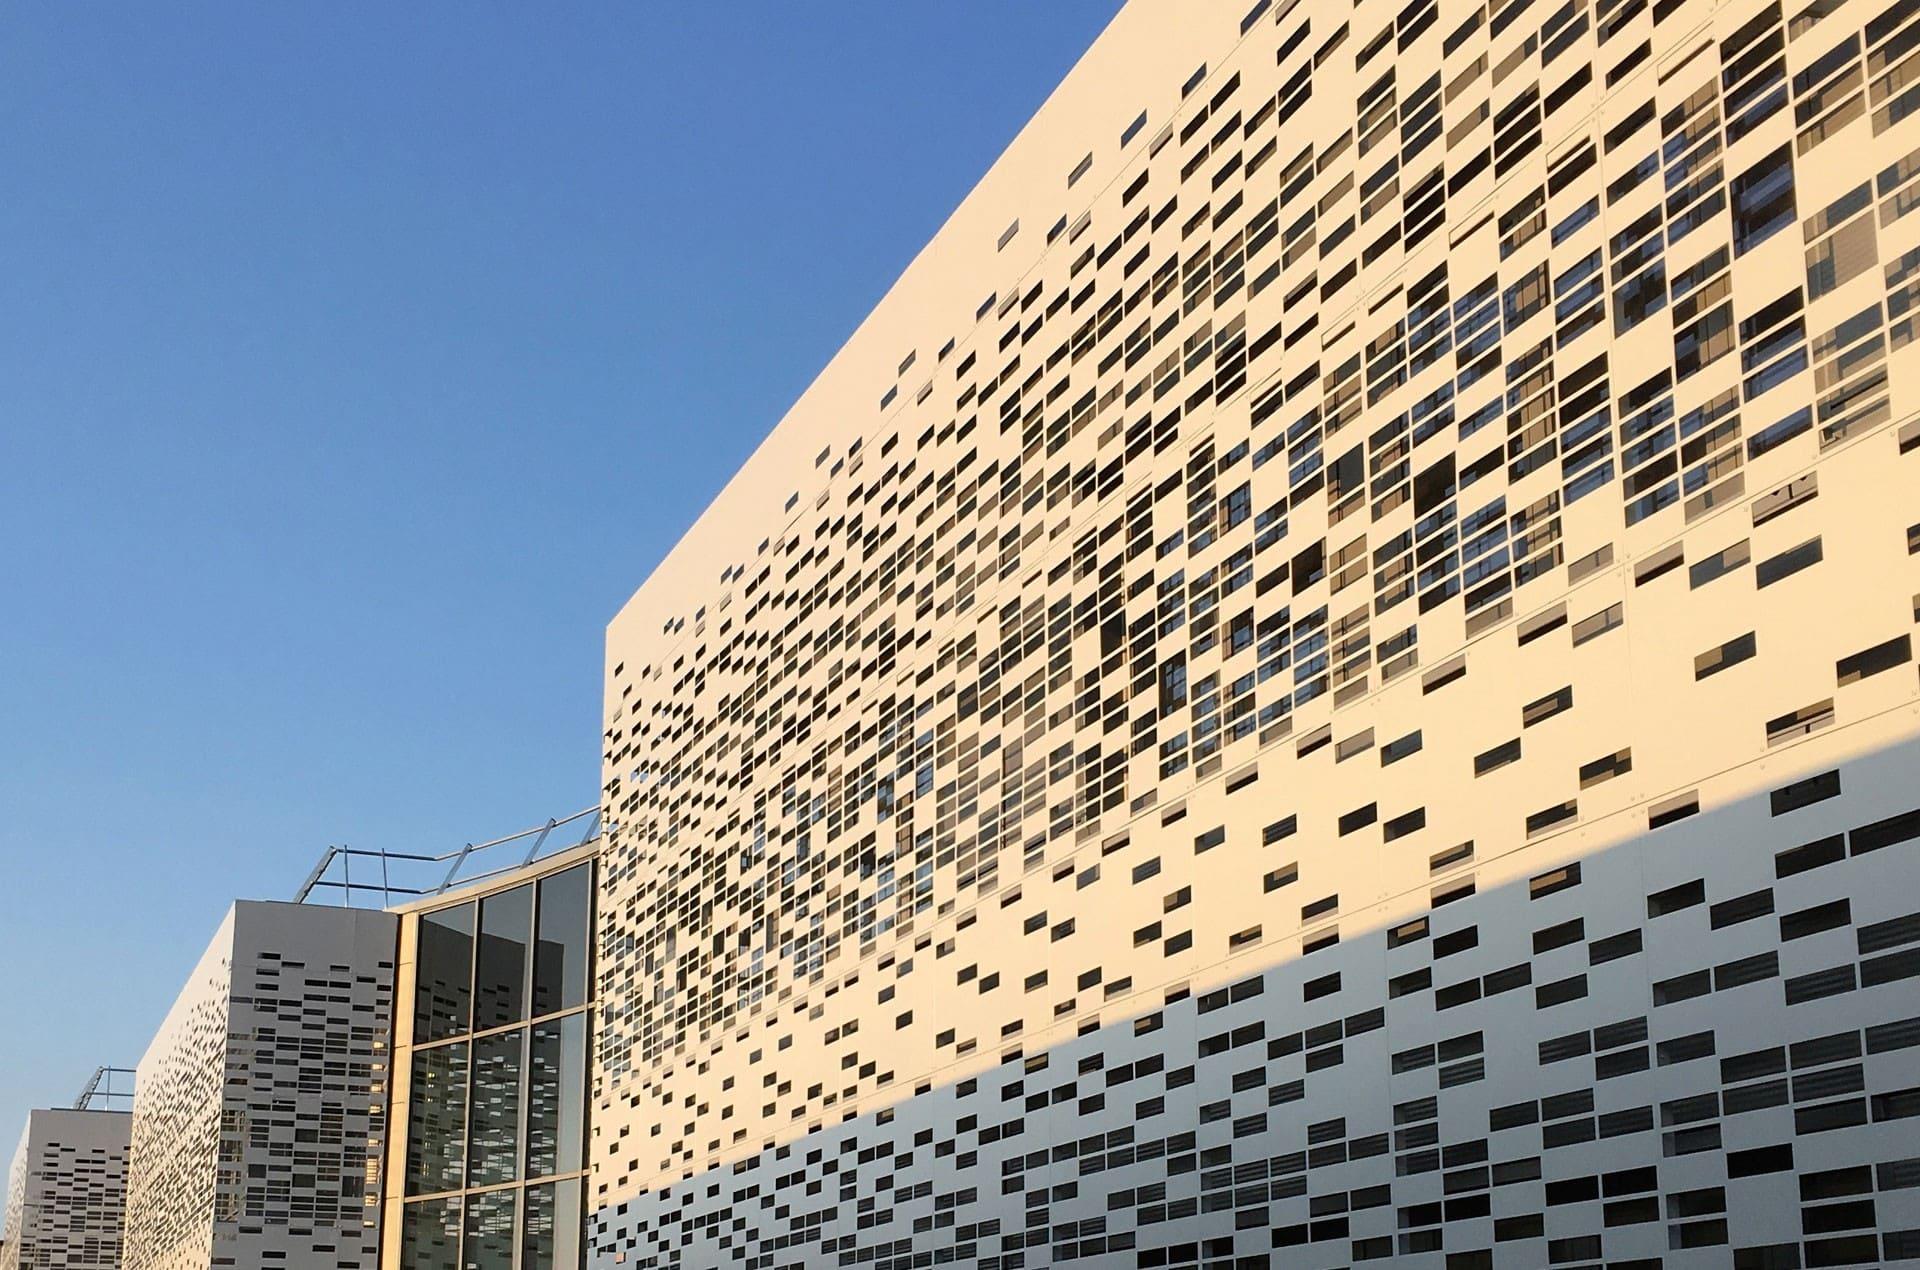 fermob-facade